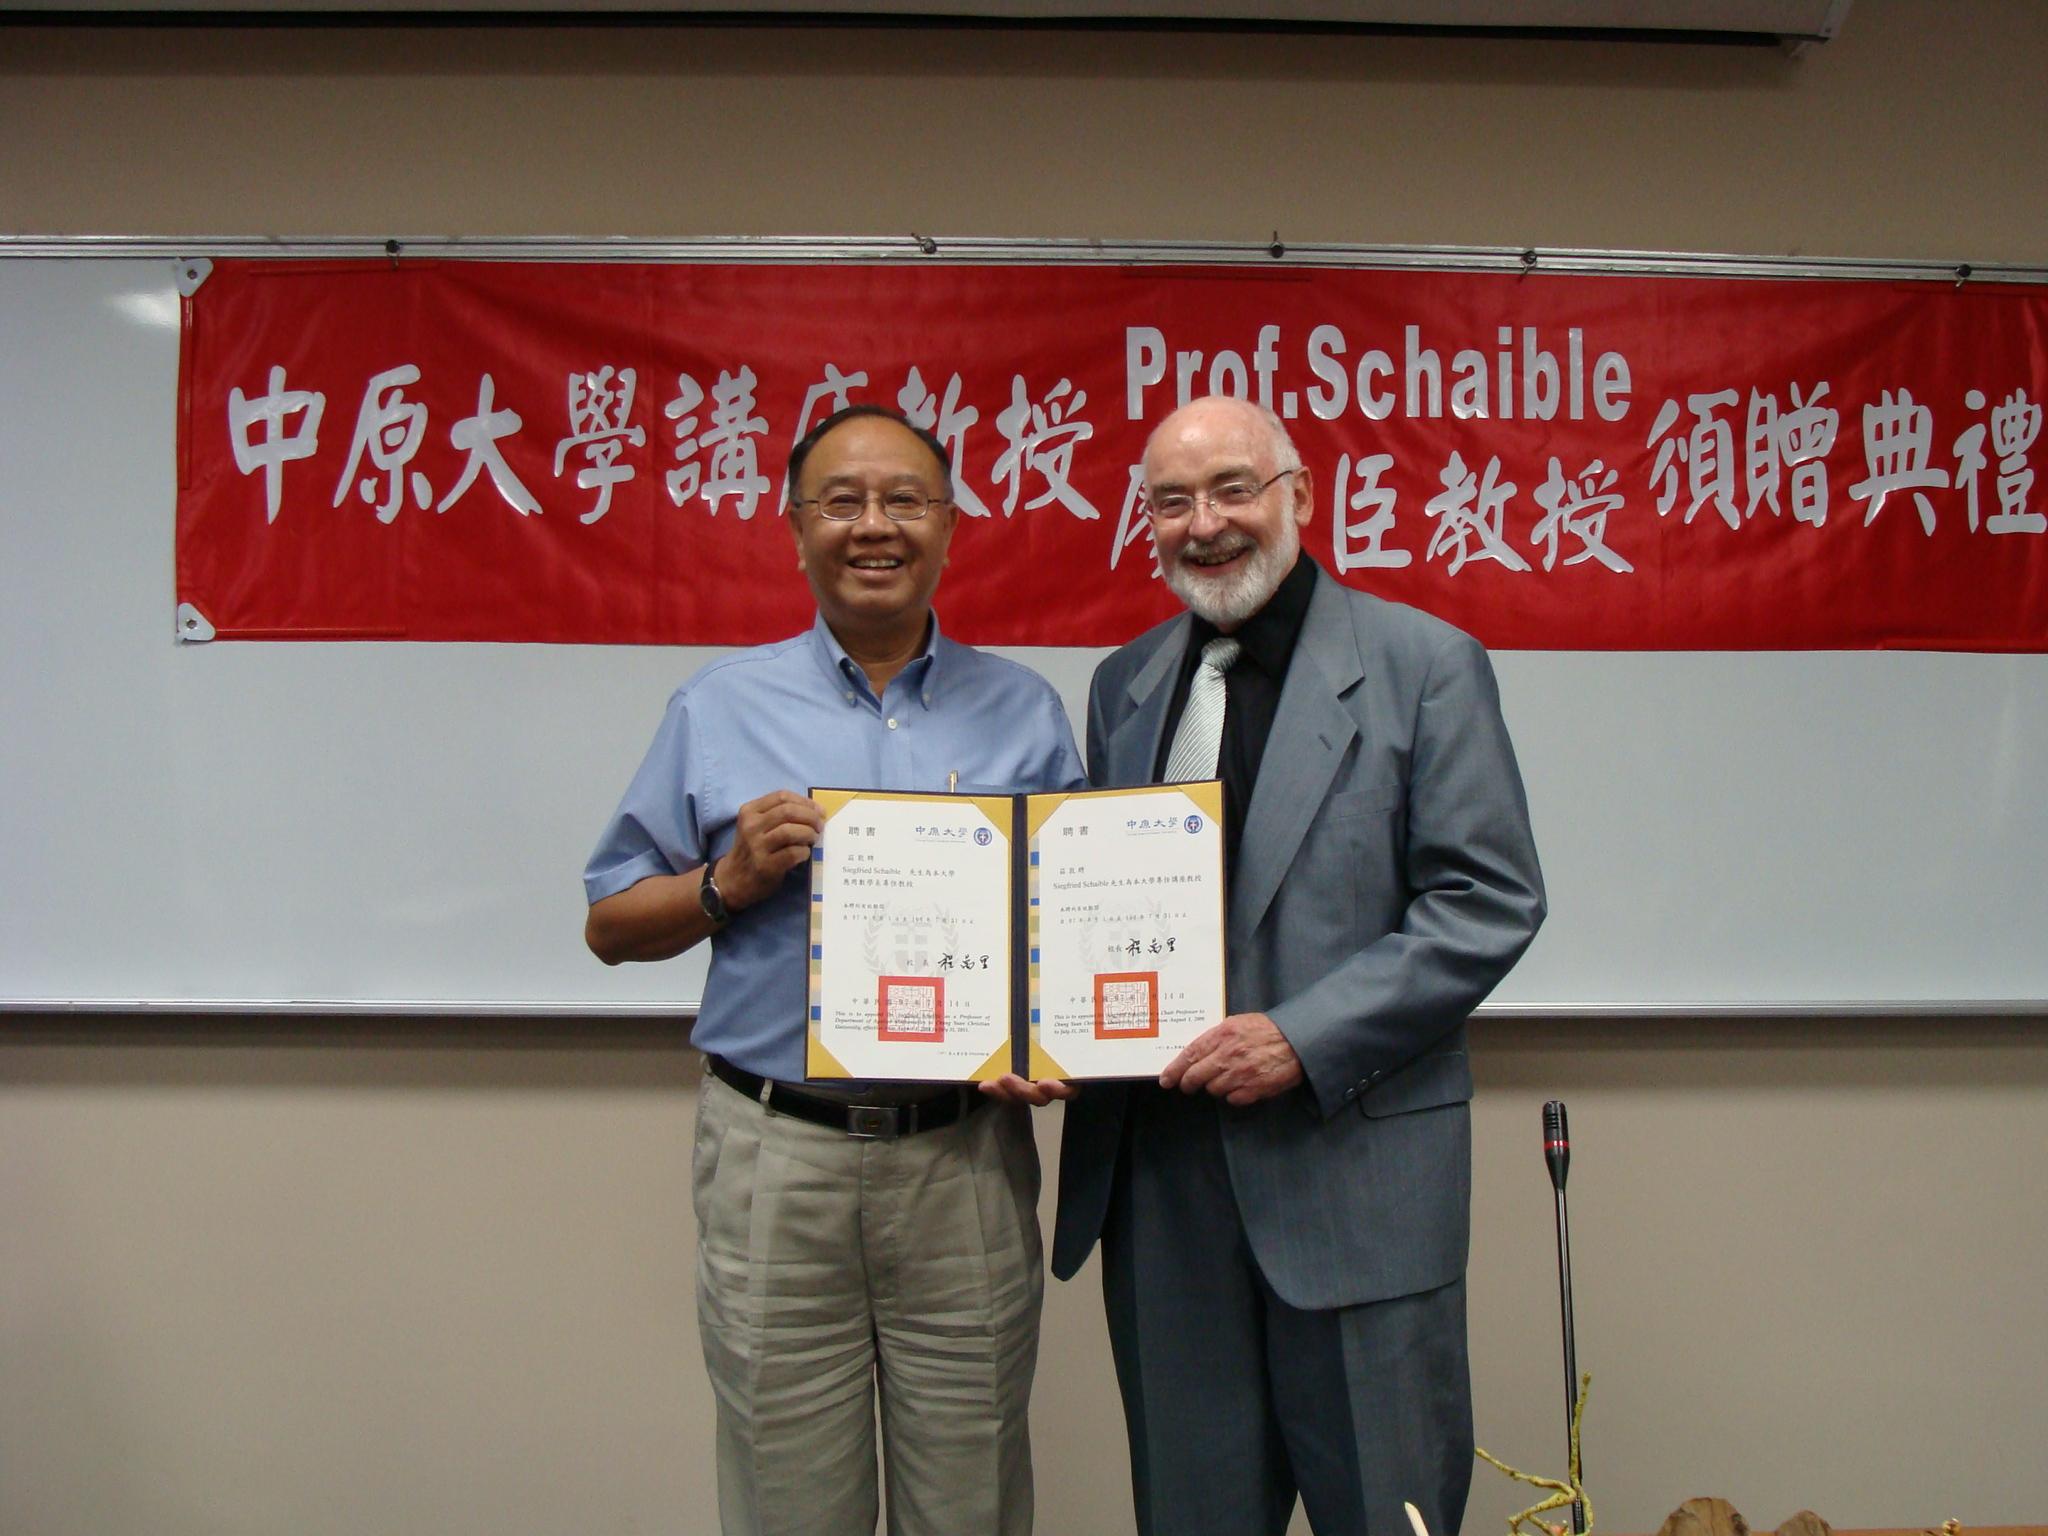 中原大學禮聘廖俊臣、Schaible兩位知名學者為講座教授